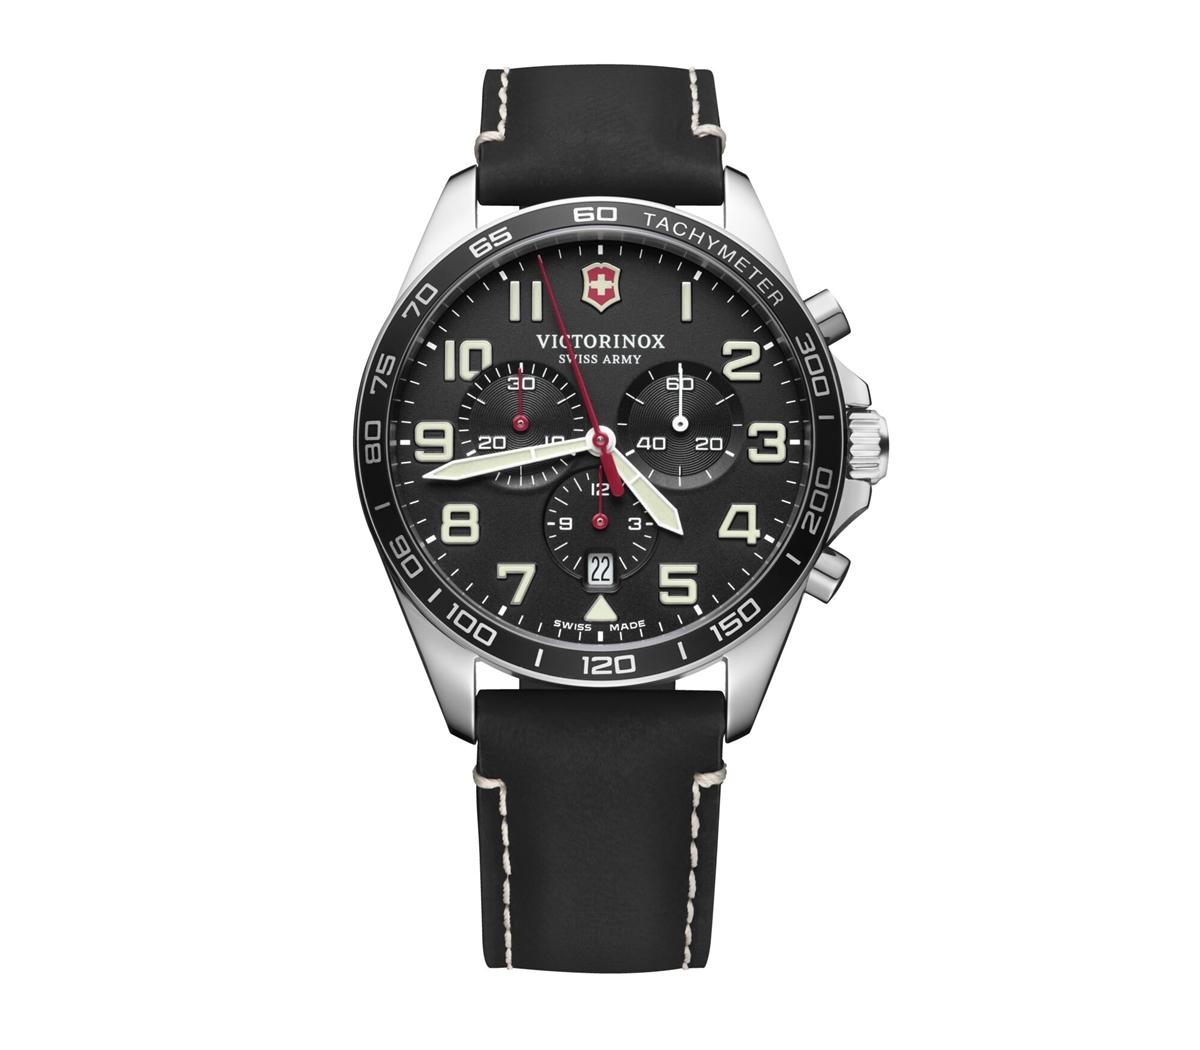 ビクトリノックス VICTORINOX 241852 フィールドフォース クロノ 正規品 腕時計